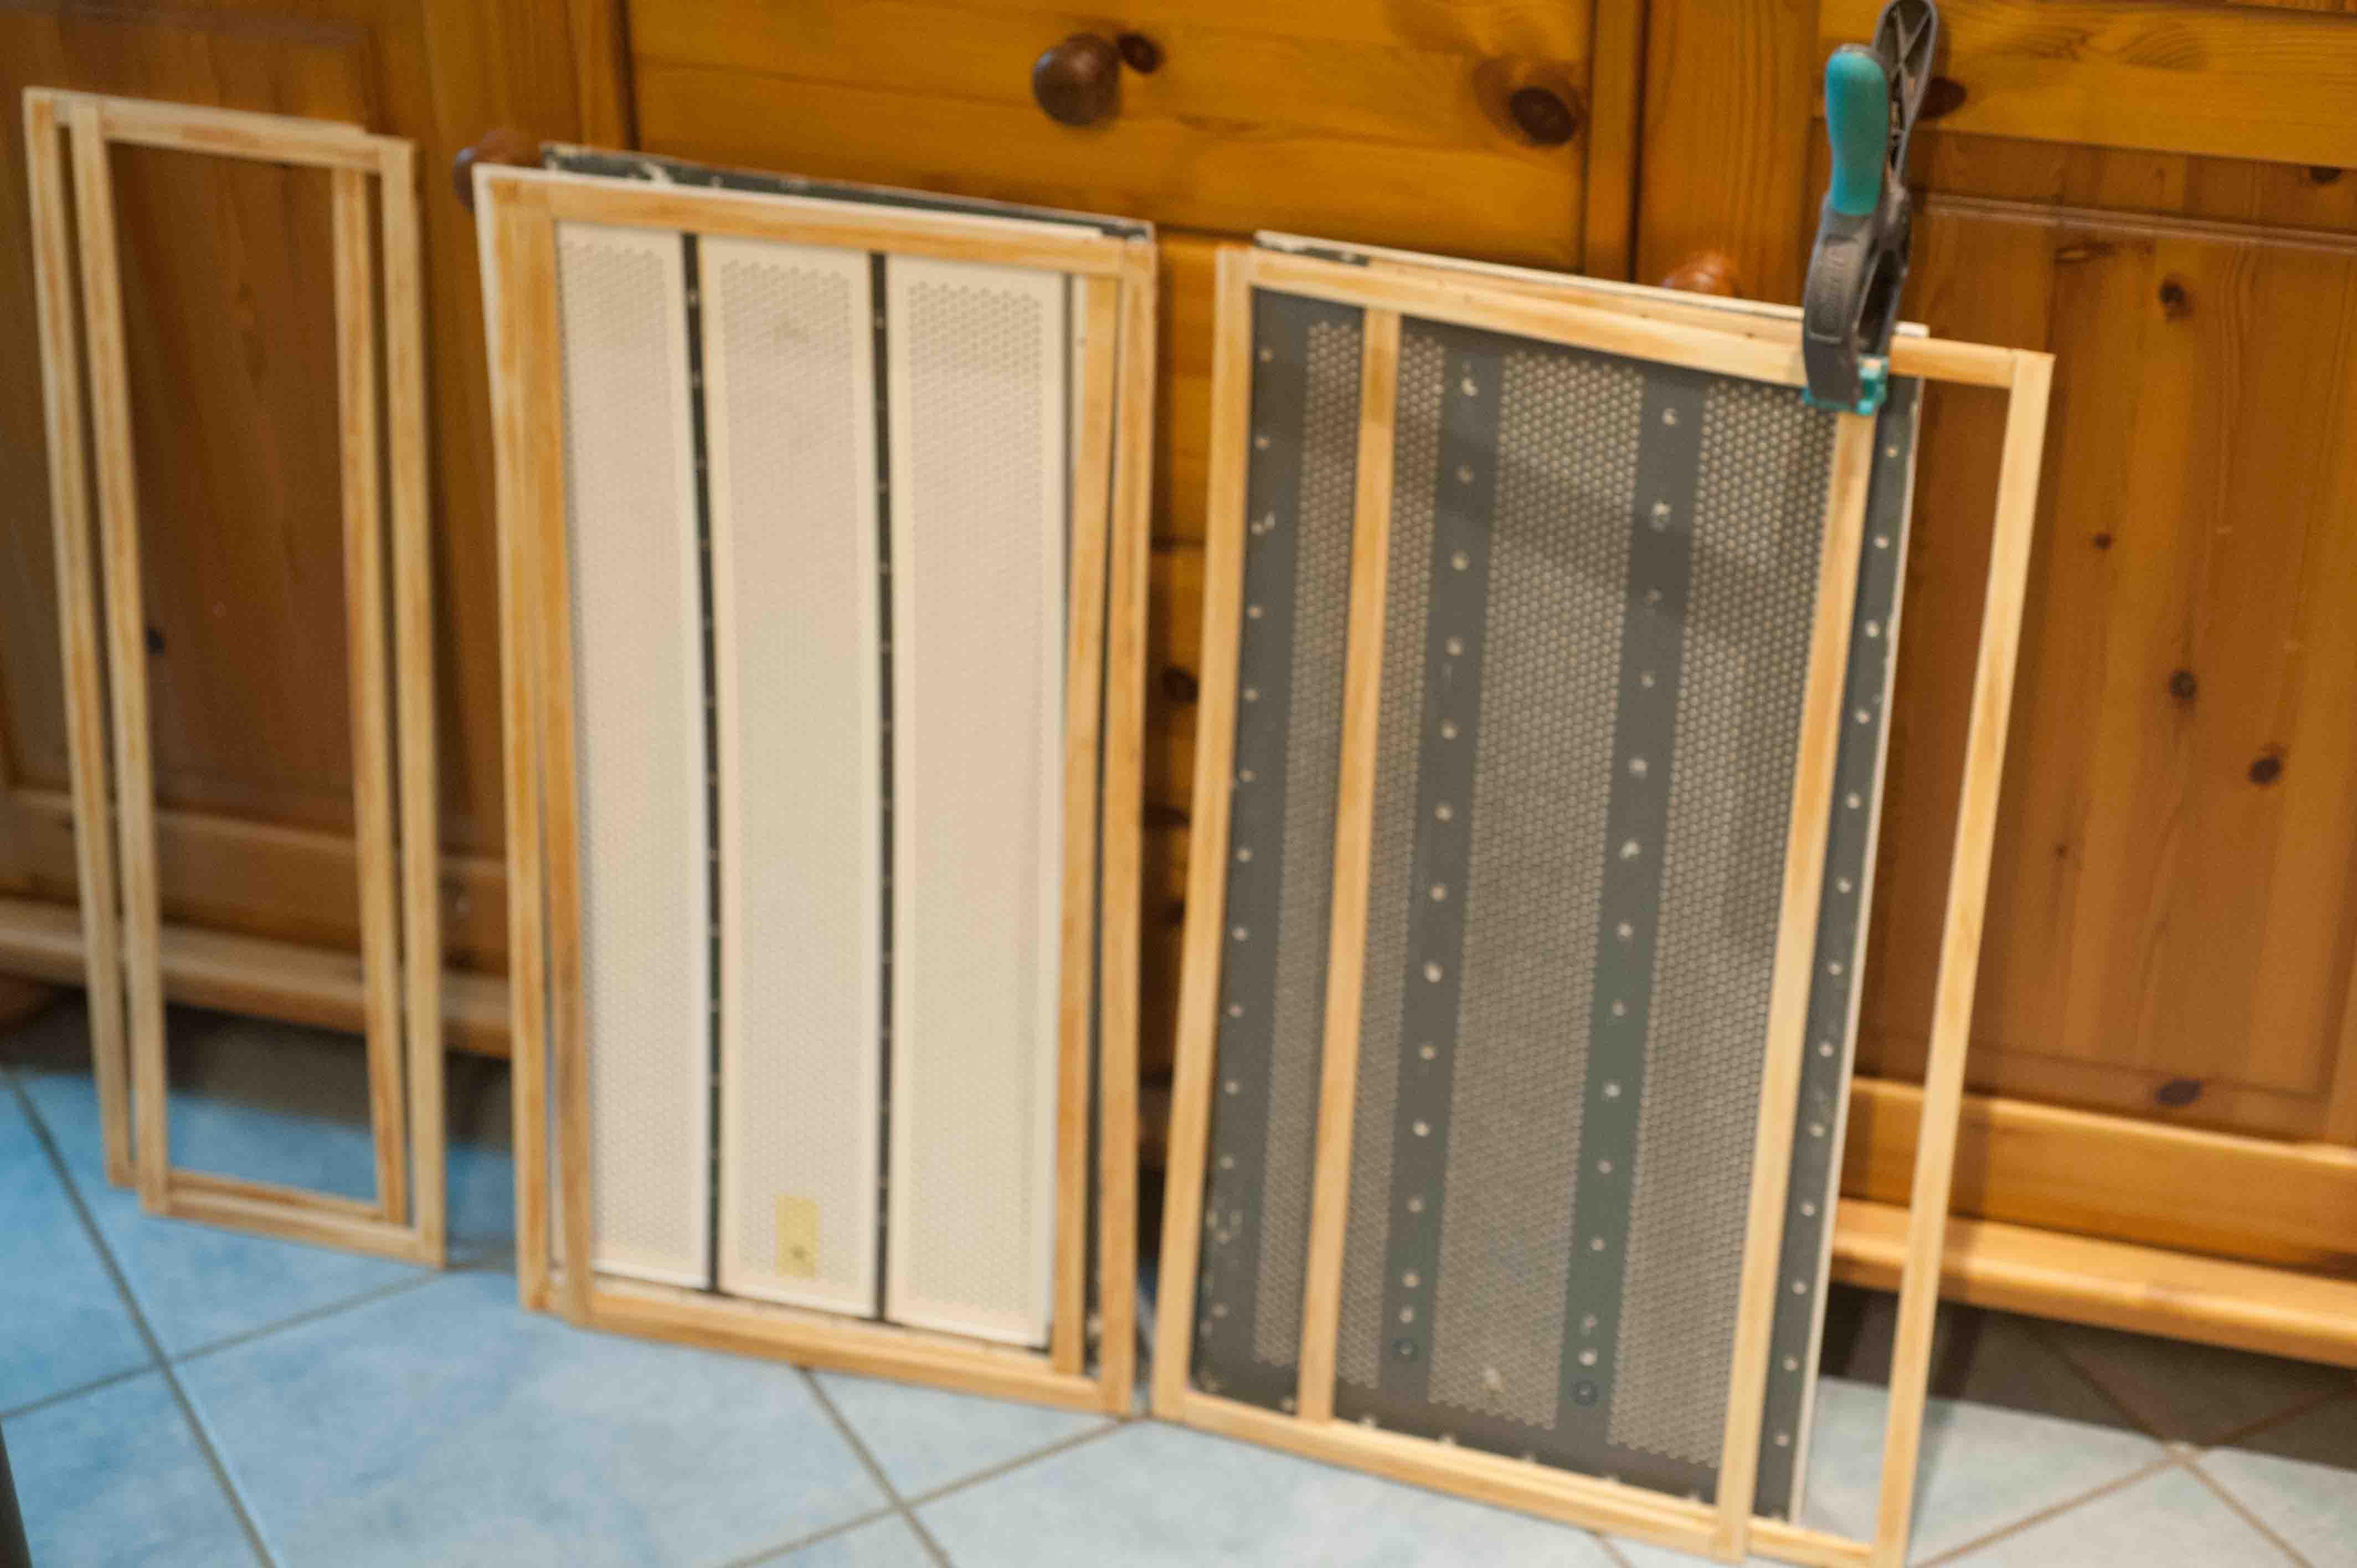 die Holzrahmen der Staubschutzpanels, dahinter die zerlegten Statoren der ESL57